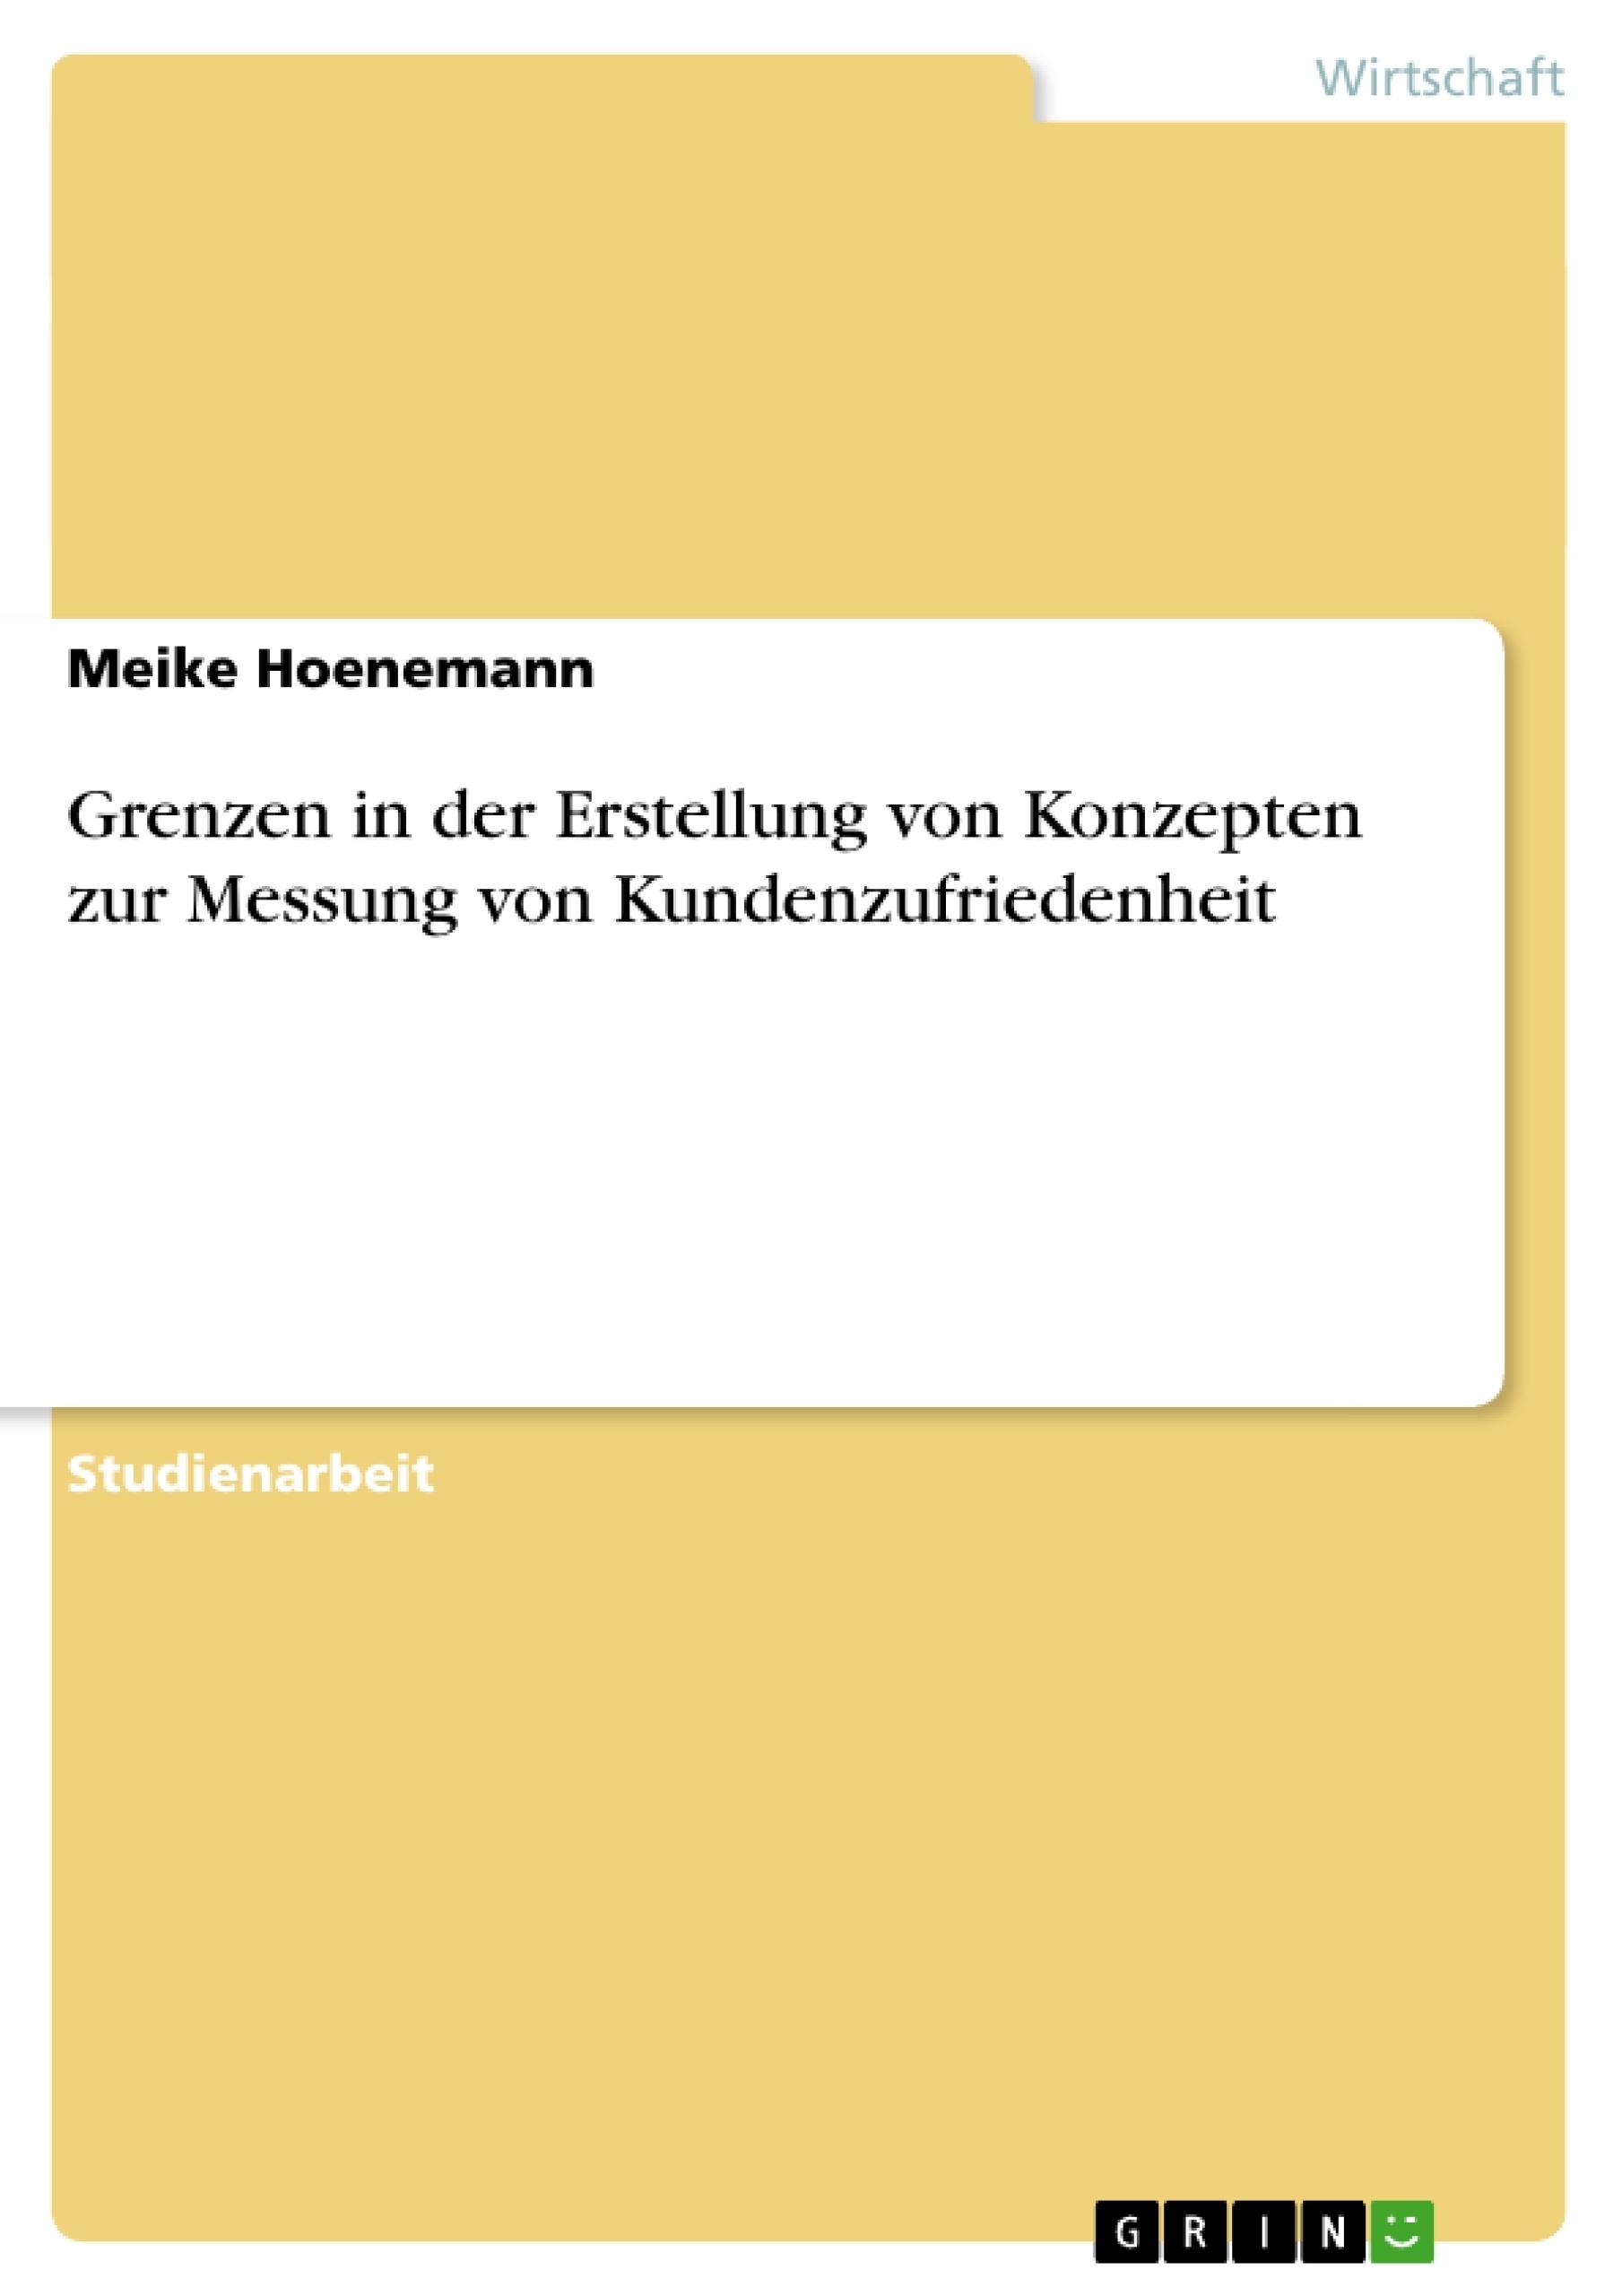 Titel: Grenzen in der Erstellung von Konzepten zur Messung von Kundenzufriedenheit